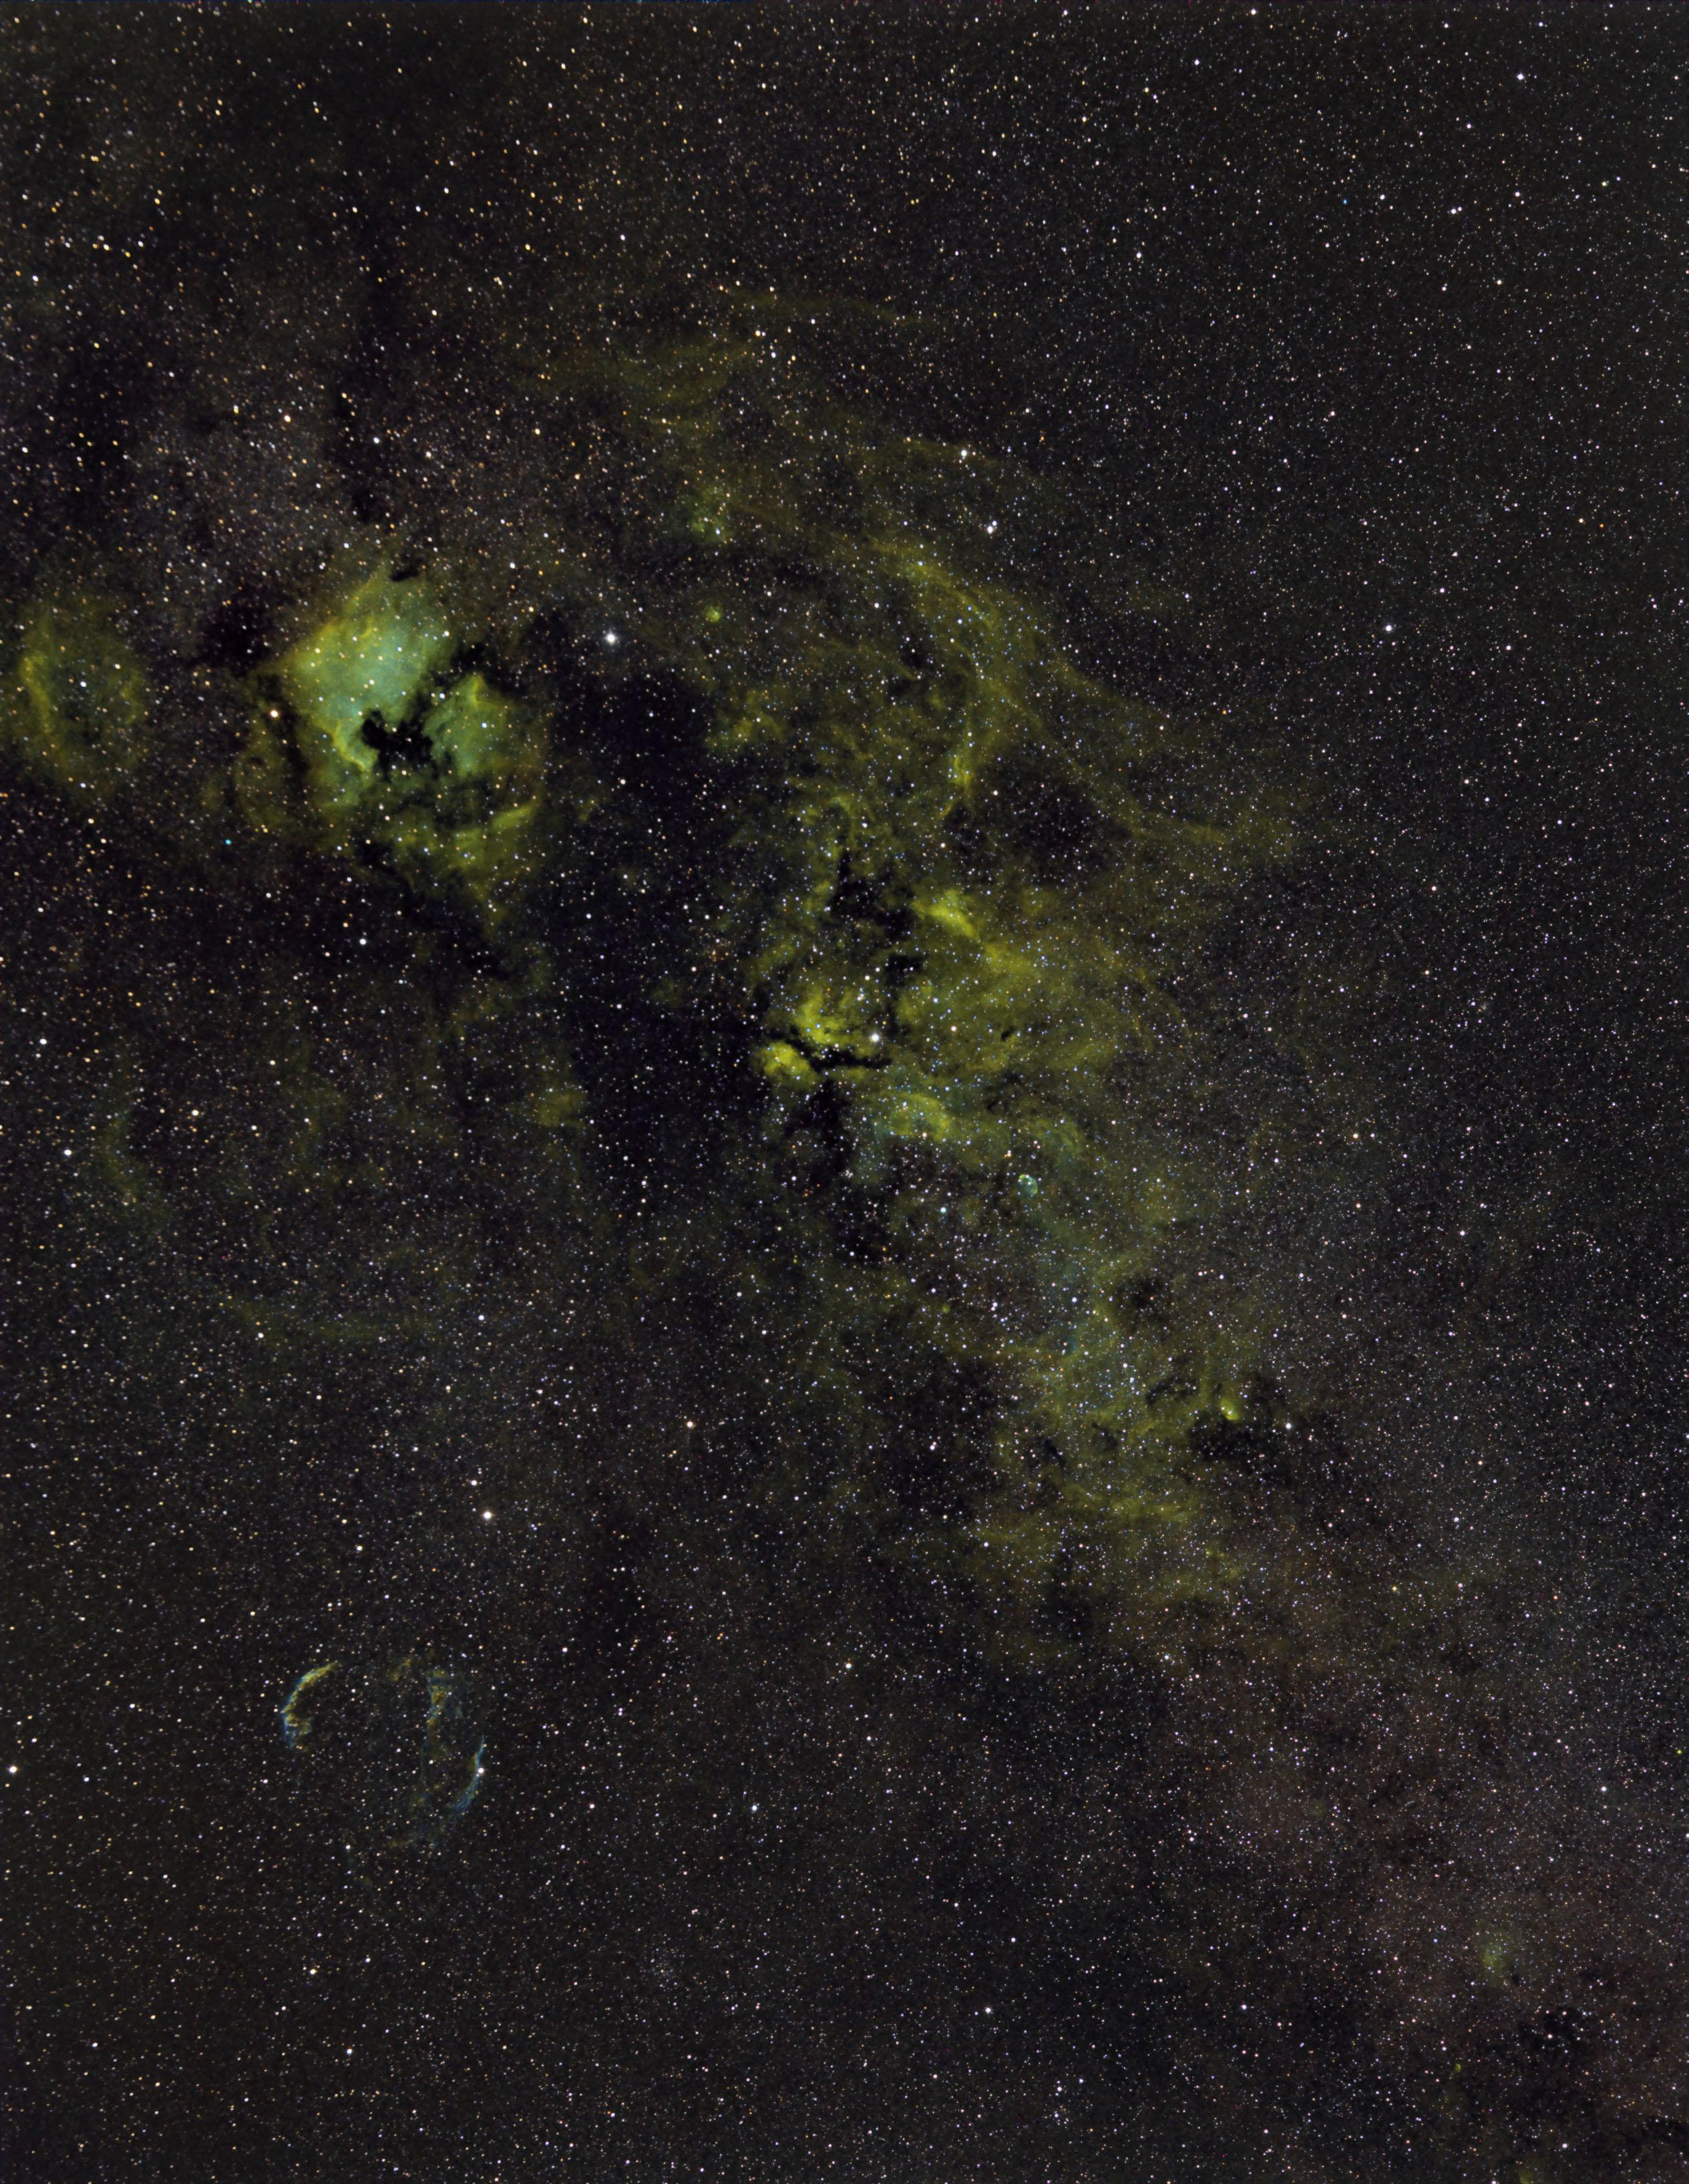 Schwan-Hubble